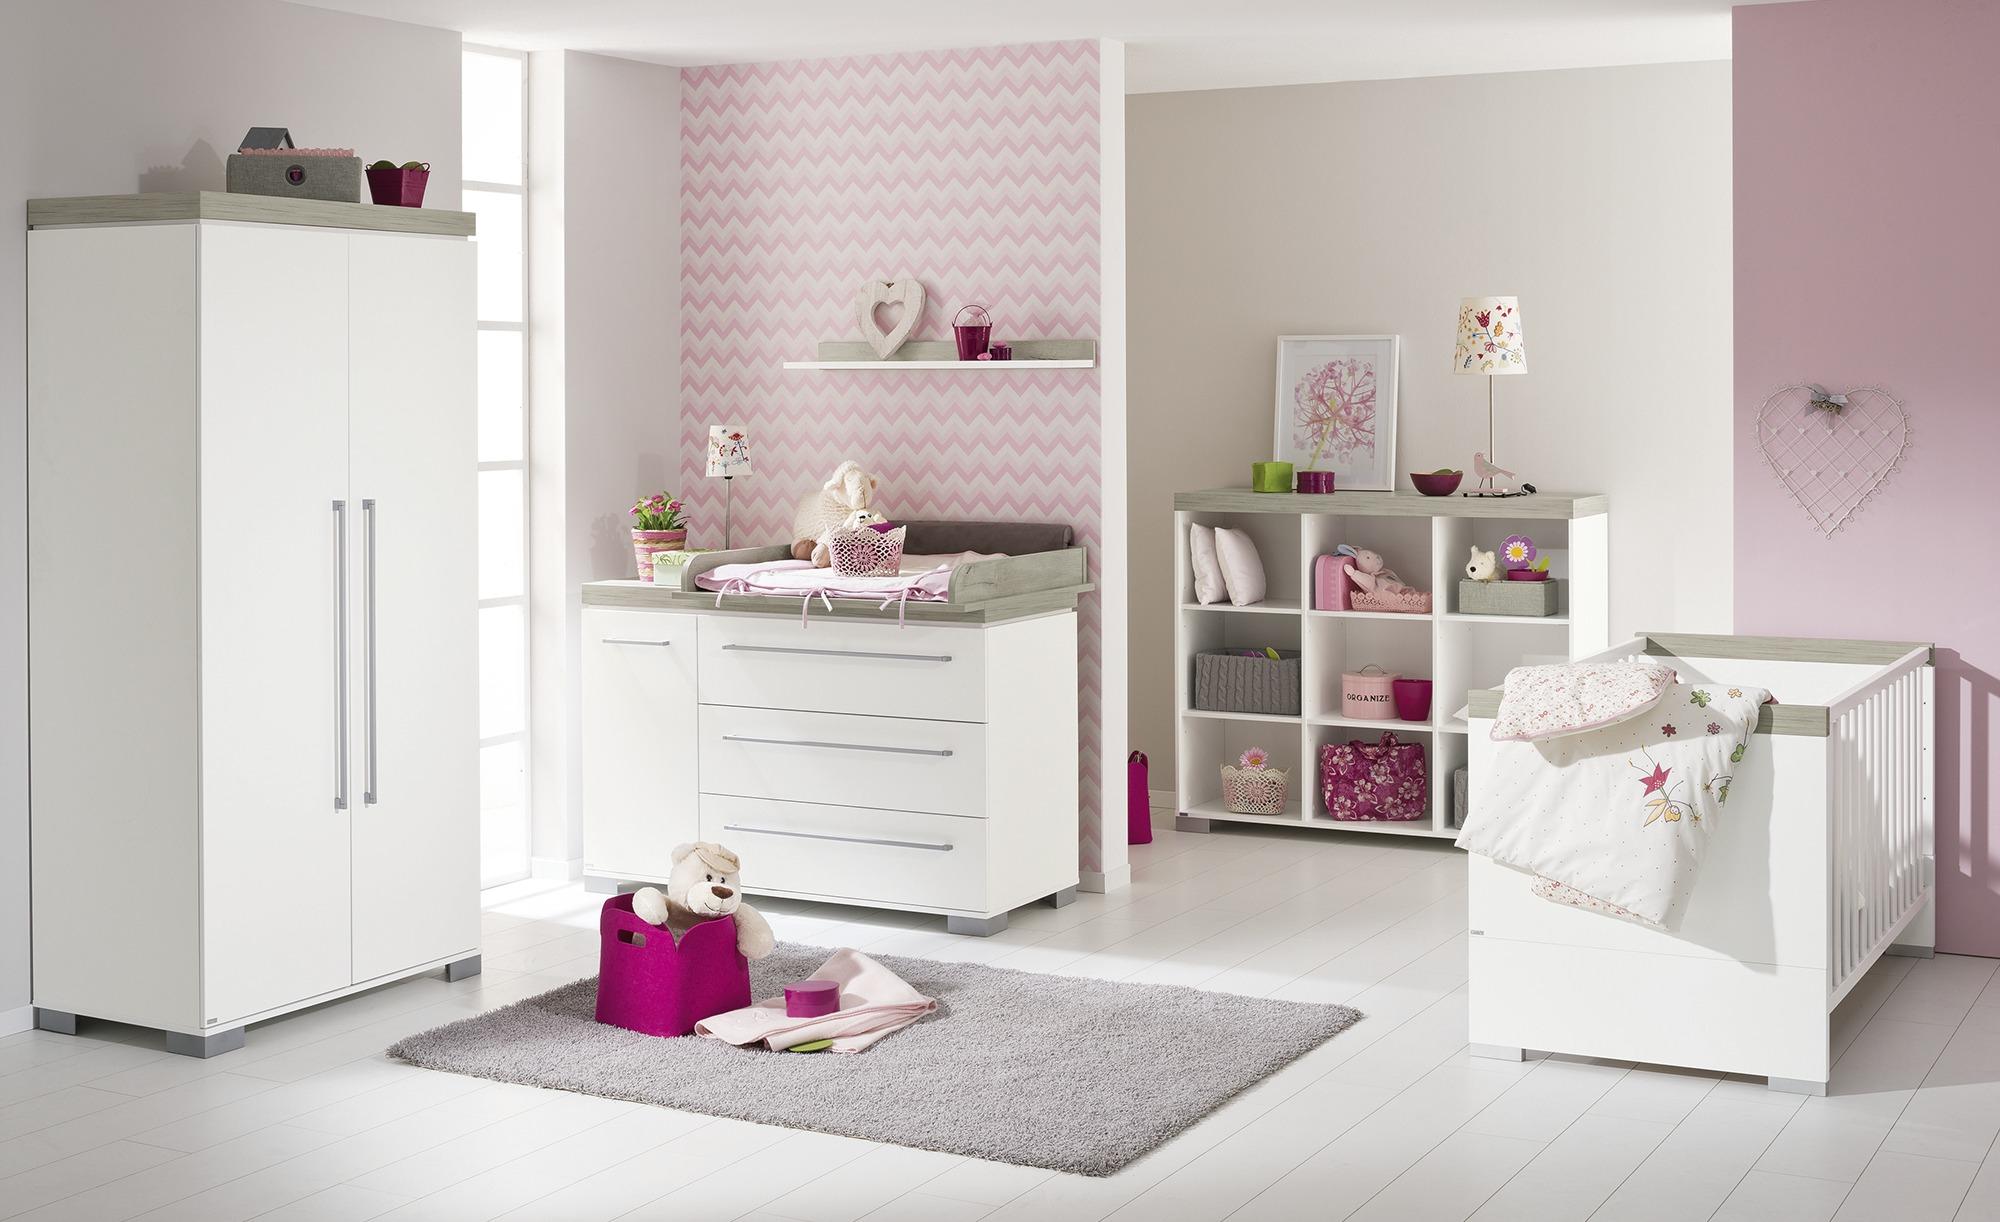 Babyzimmer Kira, gefunden bei Möbel Höffner